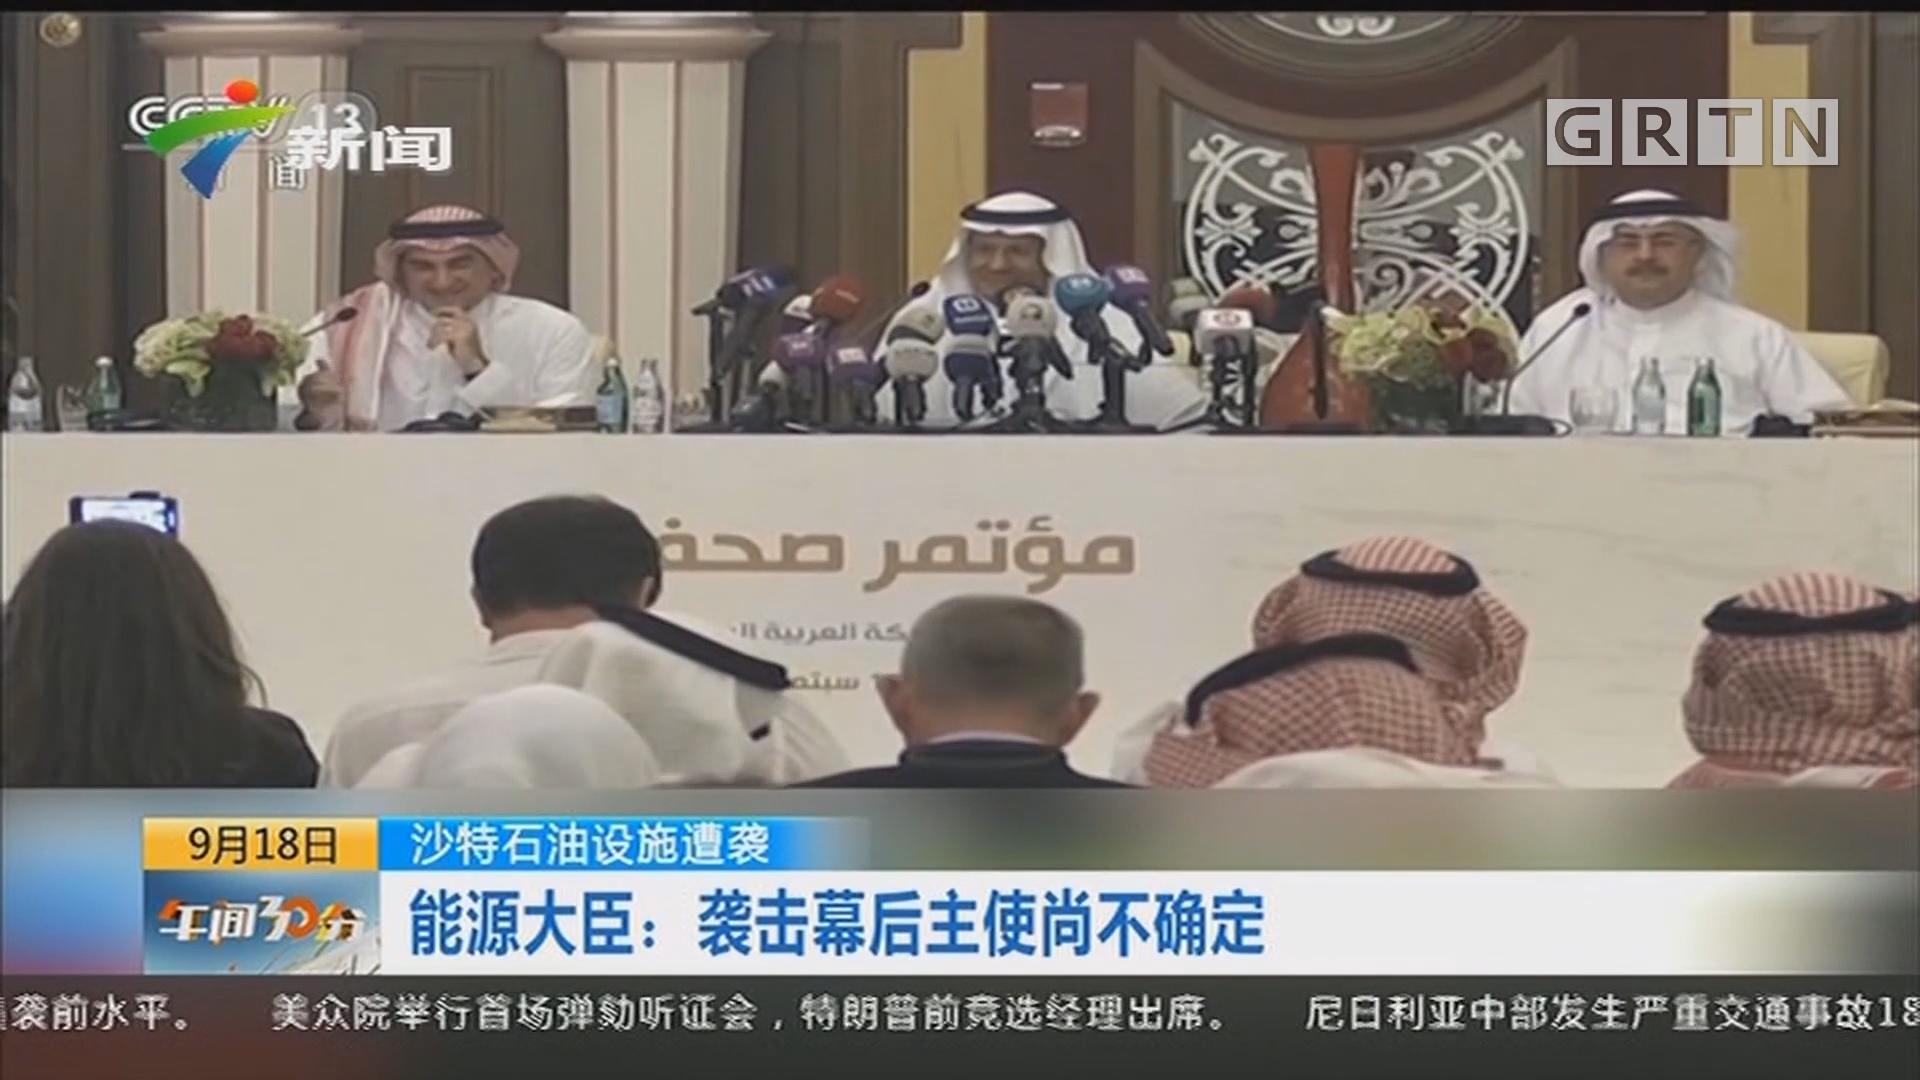 沙特石油设施遭袭 能源大臣:袭击幕后主使尚不确定